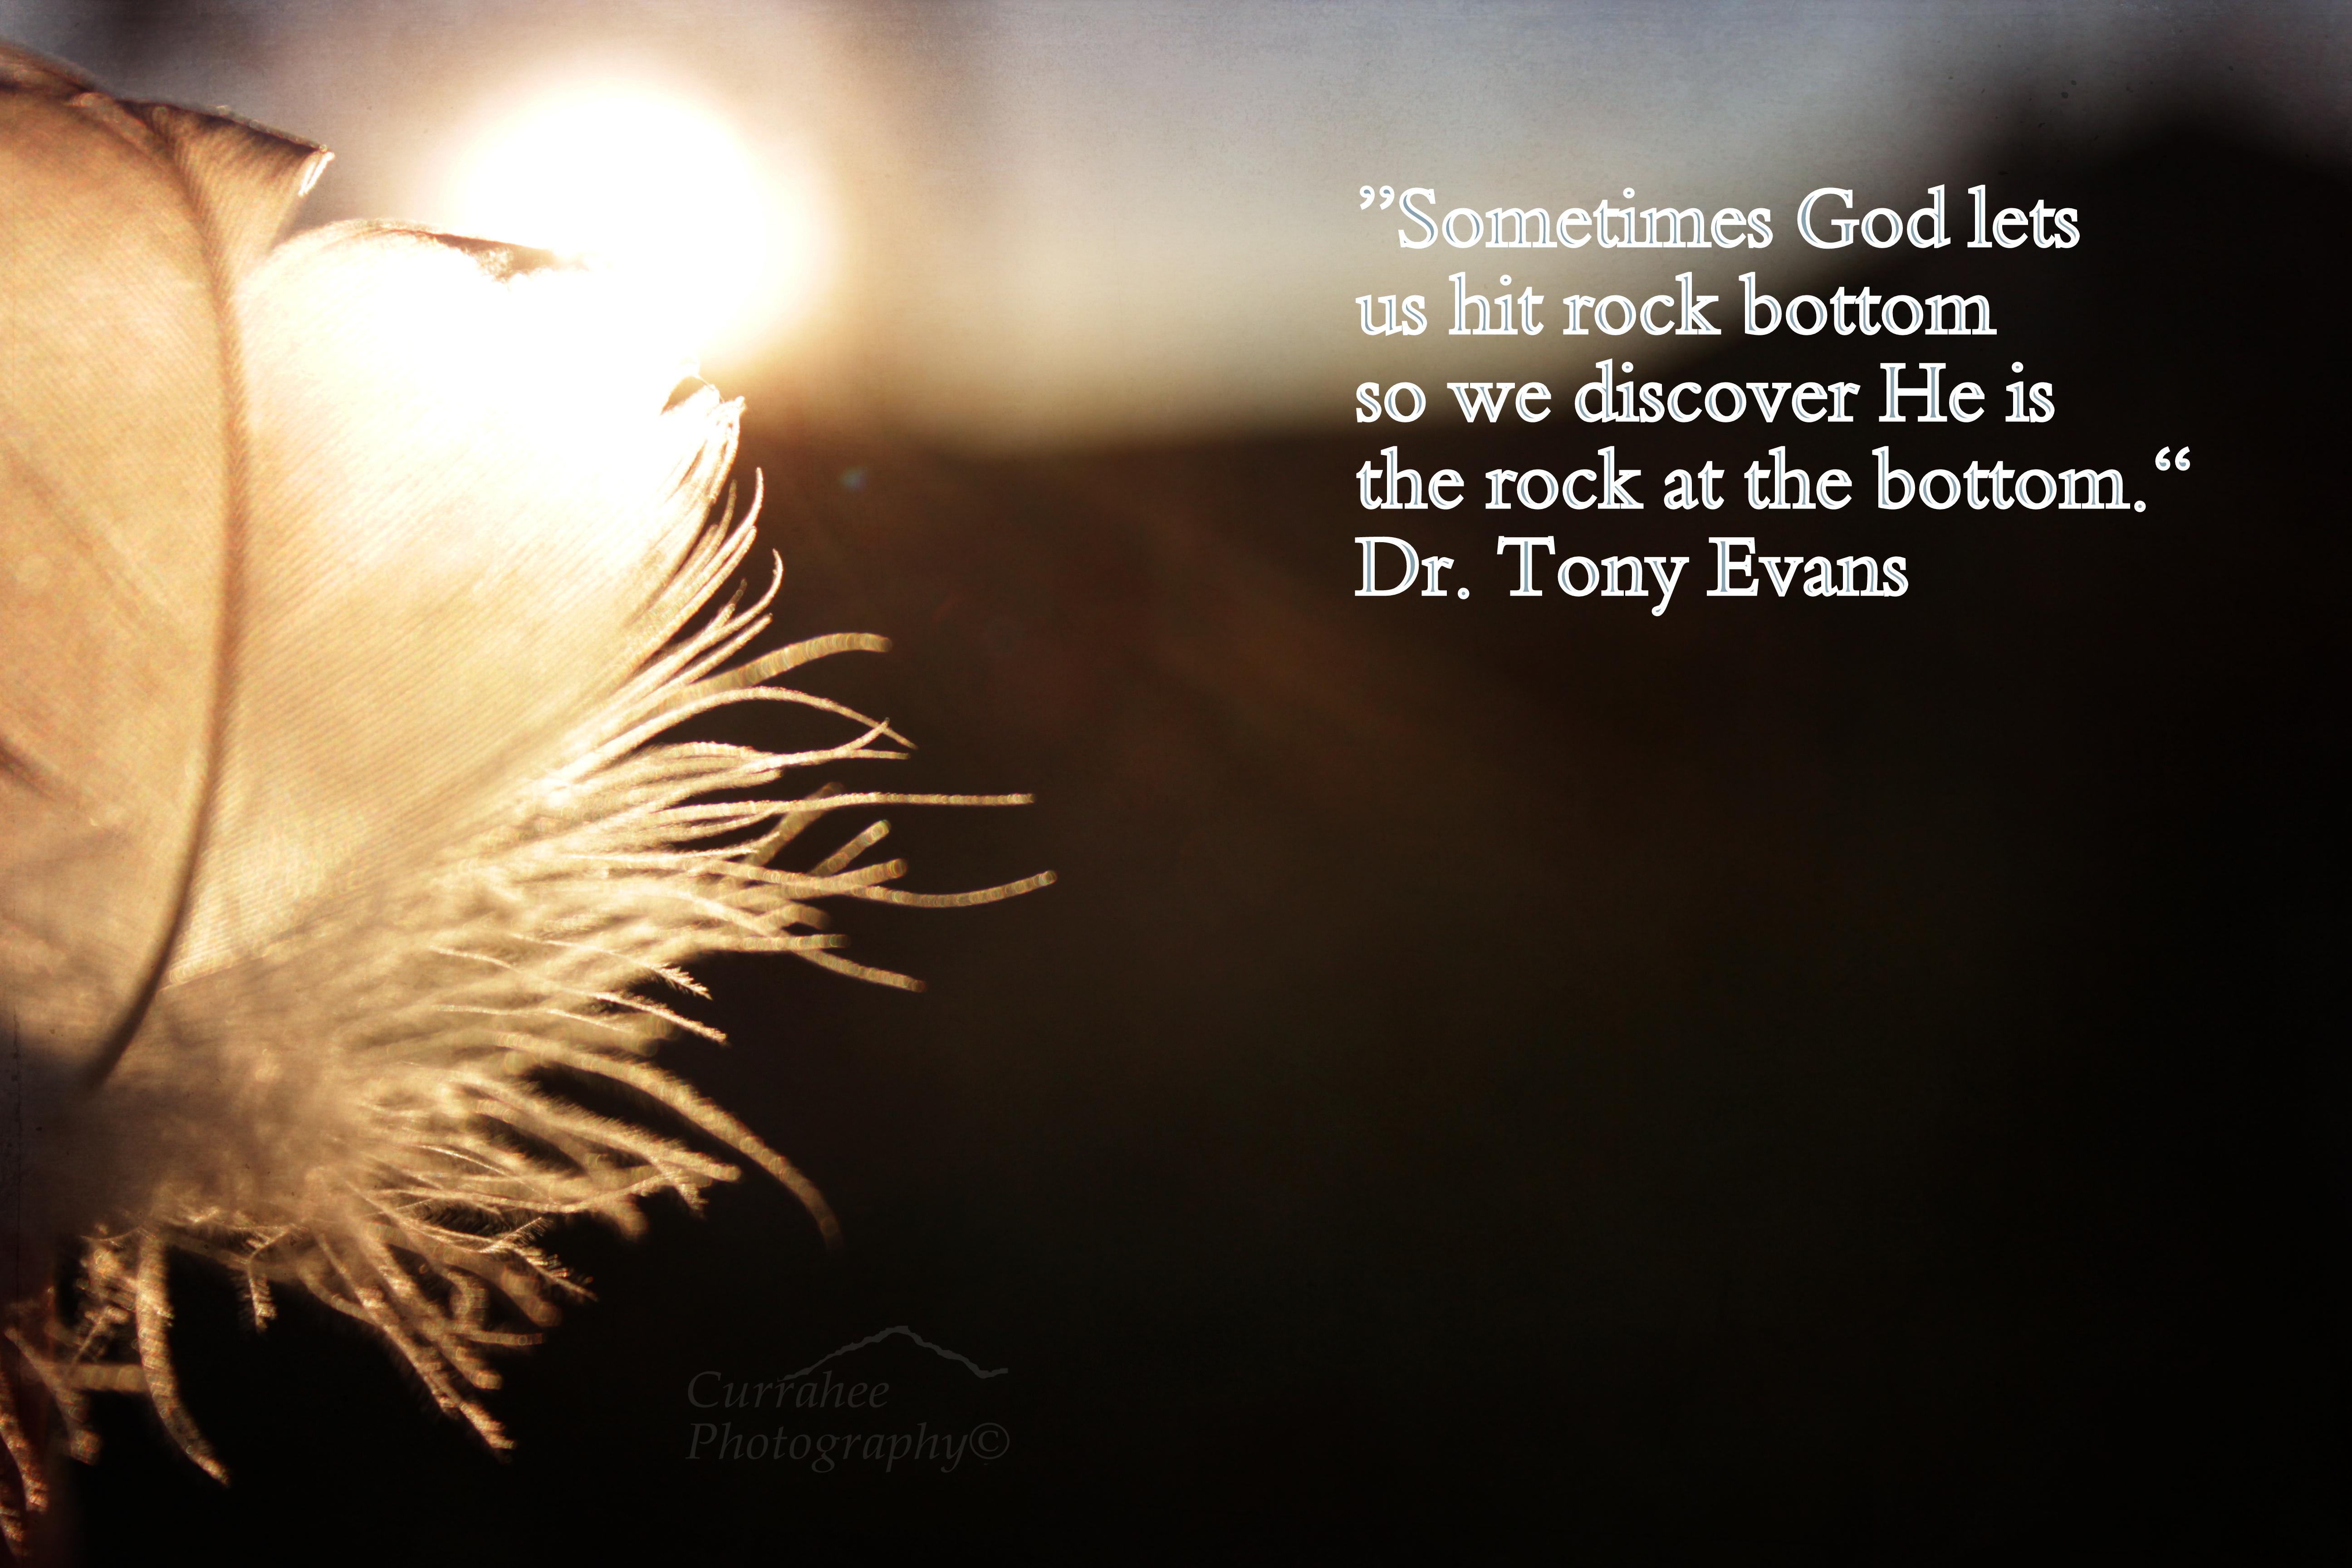 Dr. Tony Evans quote